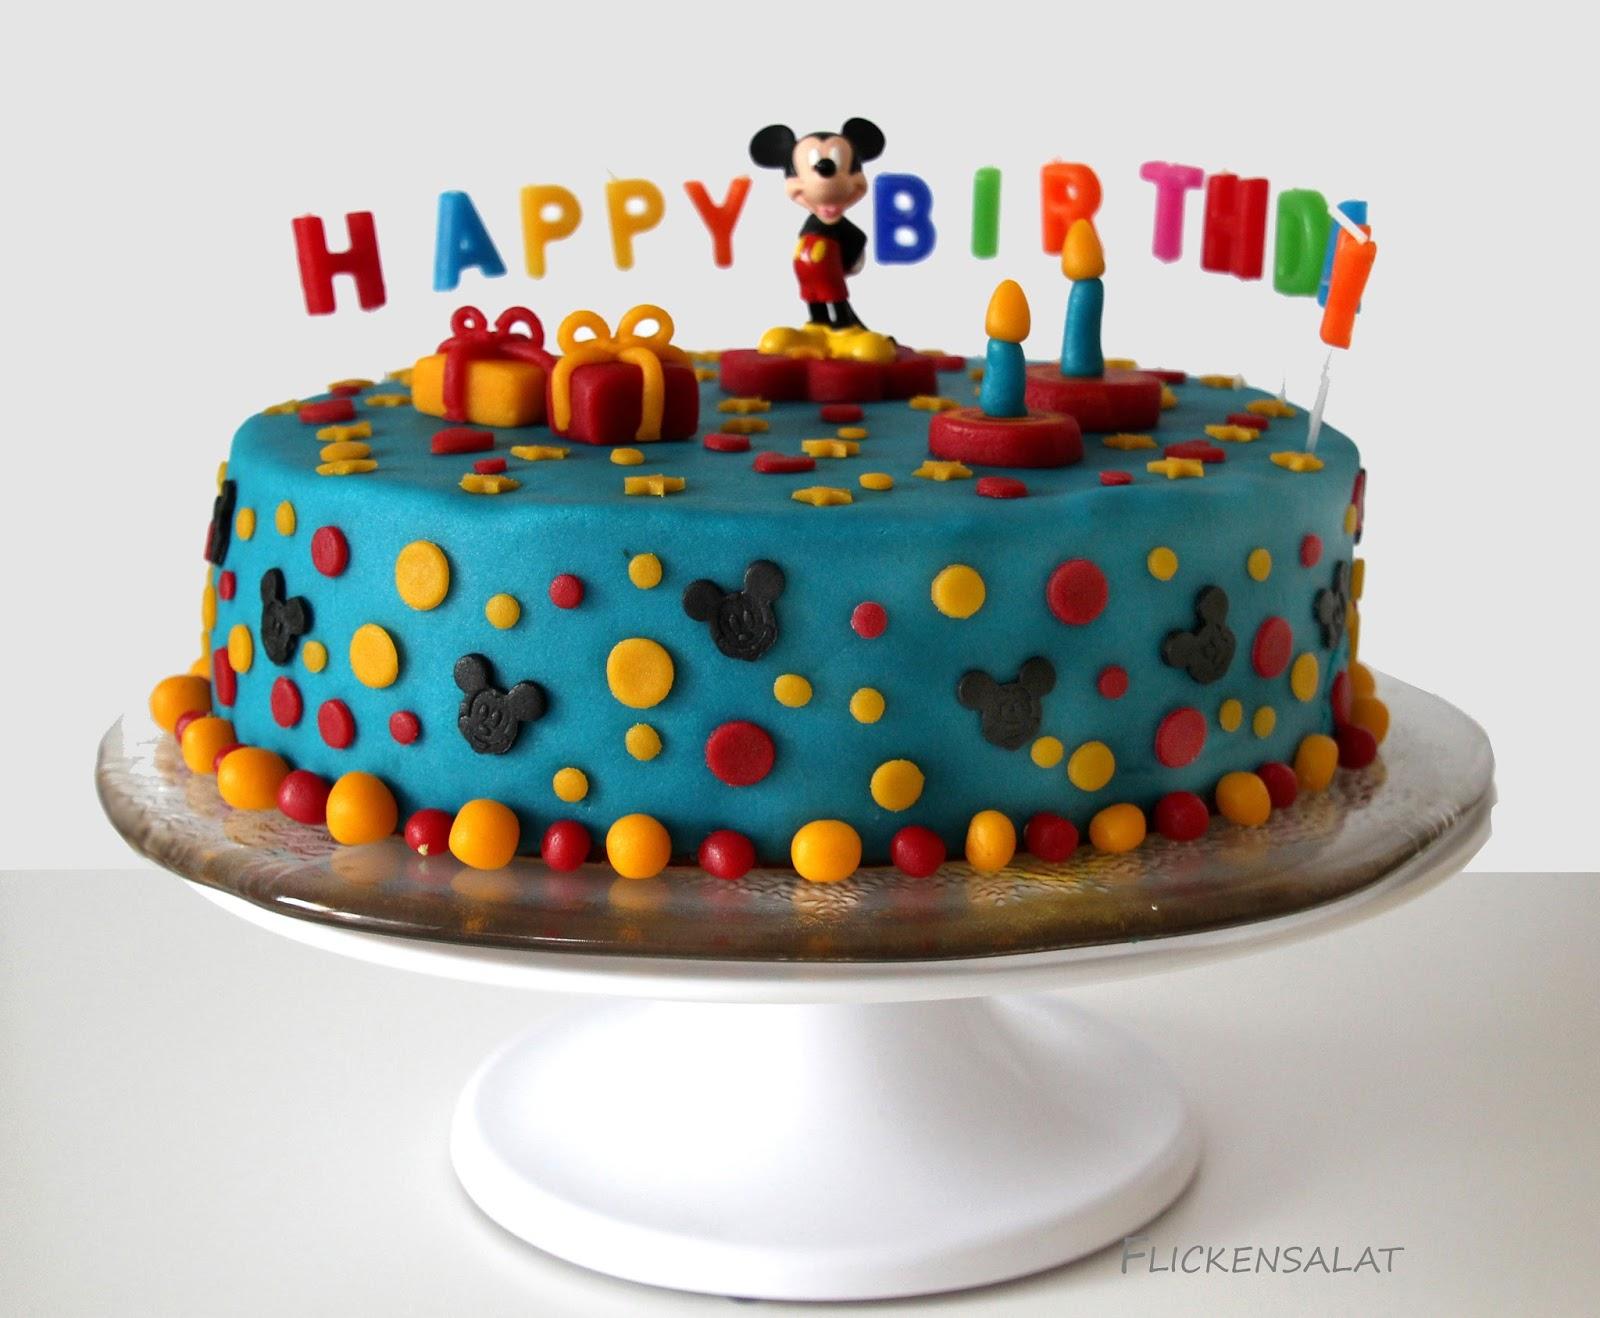 Flickensalat: Eine Micky Maus Torte für den Enkelprinzen